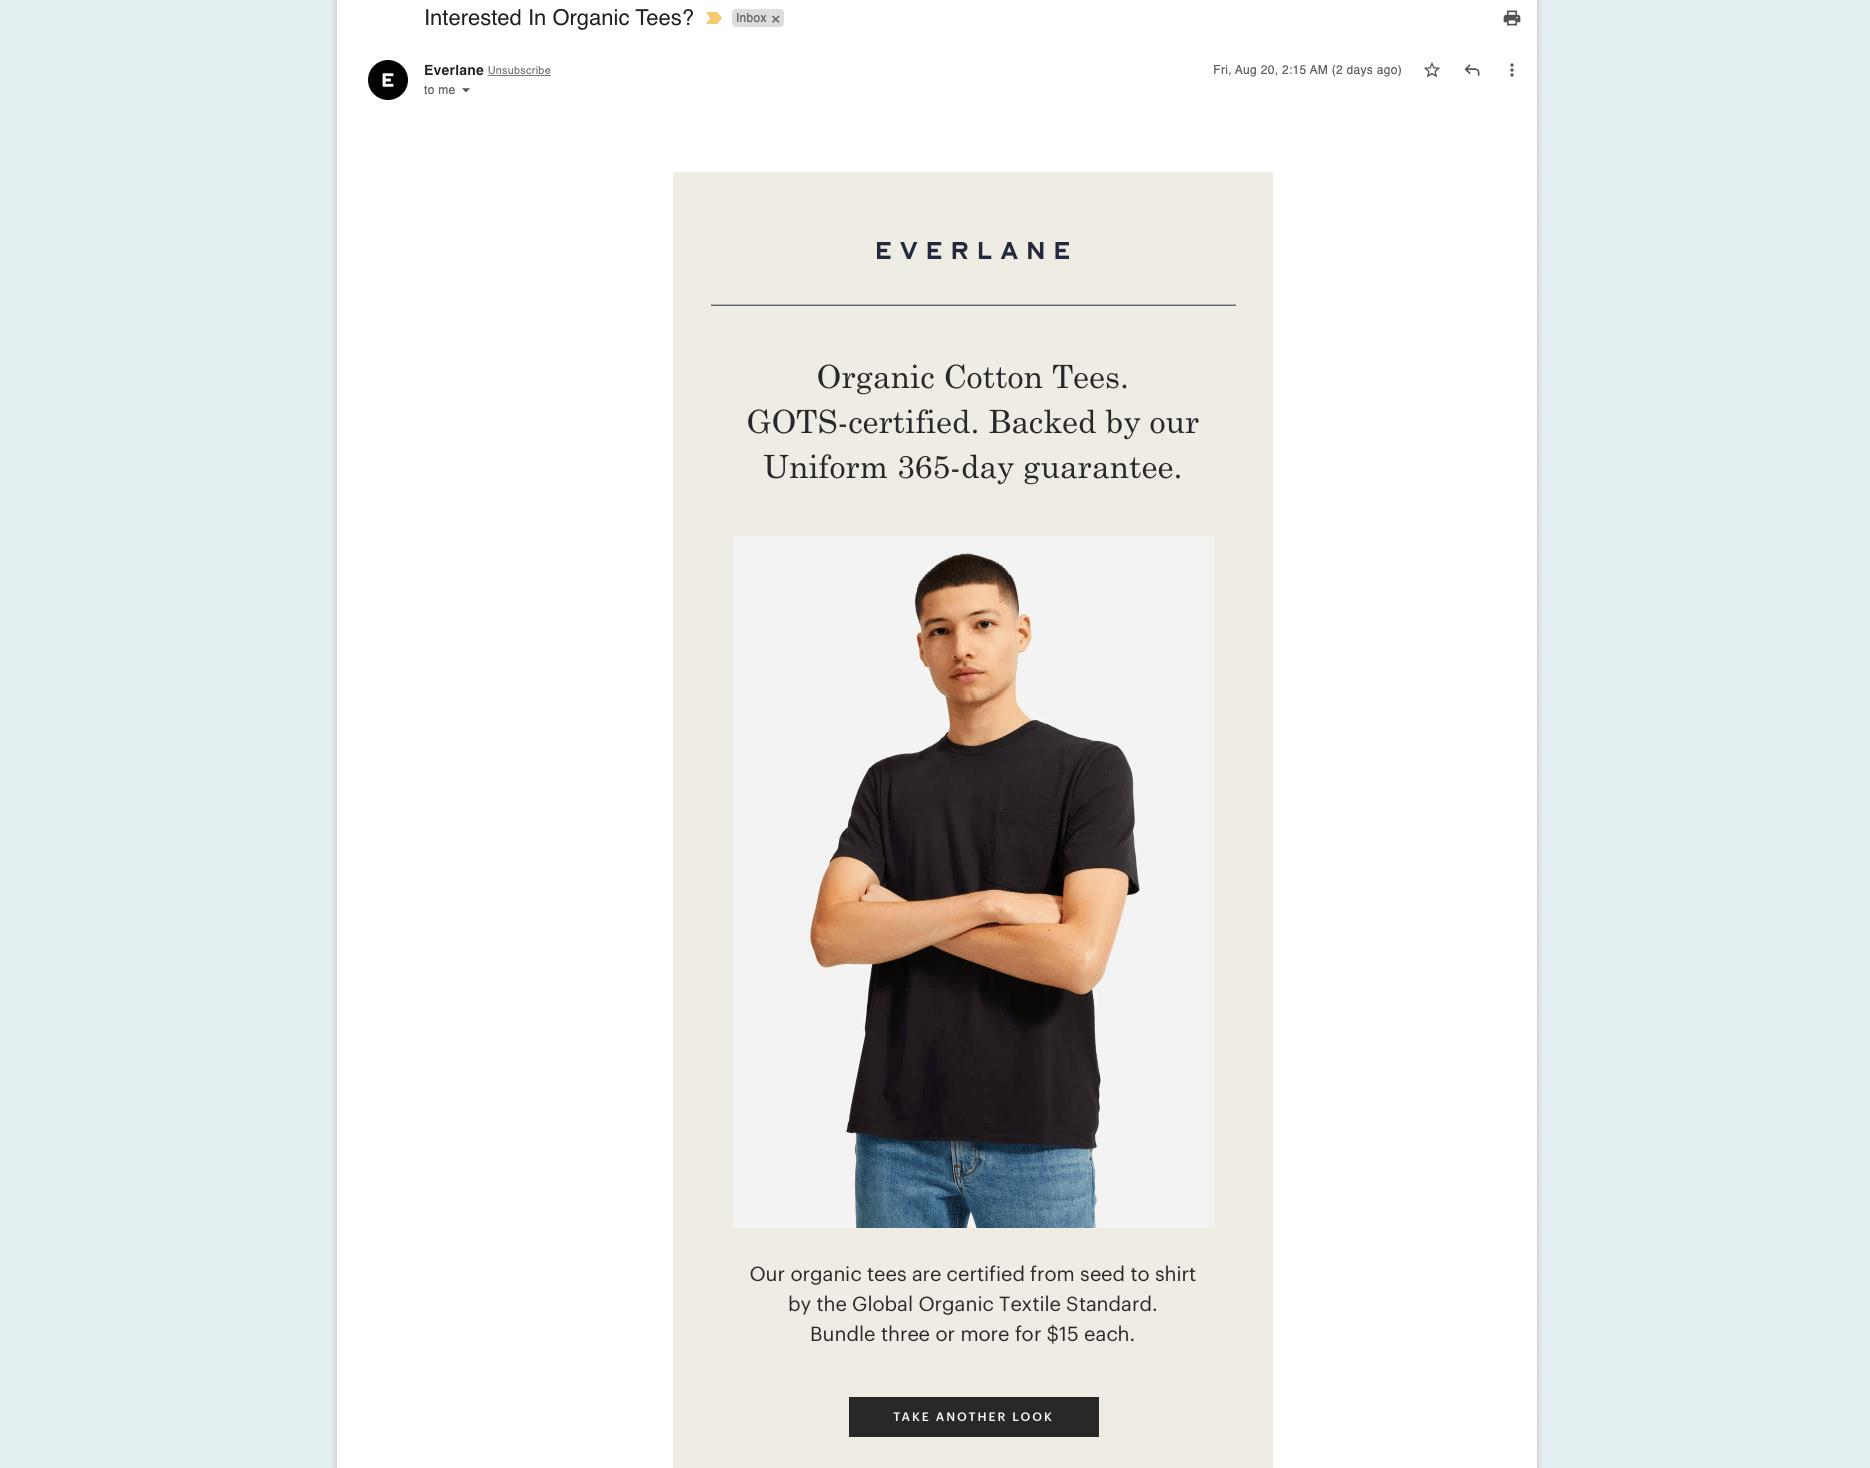 Everlane - Cart abandon email